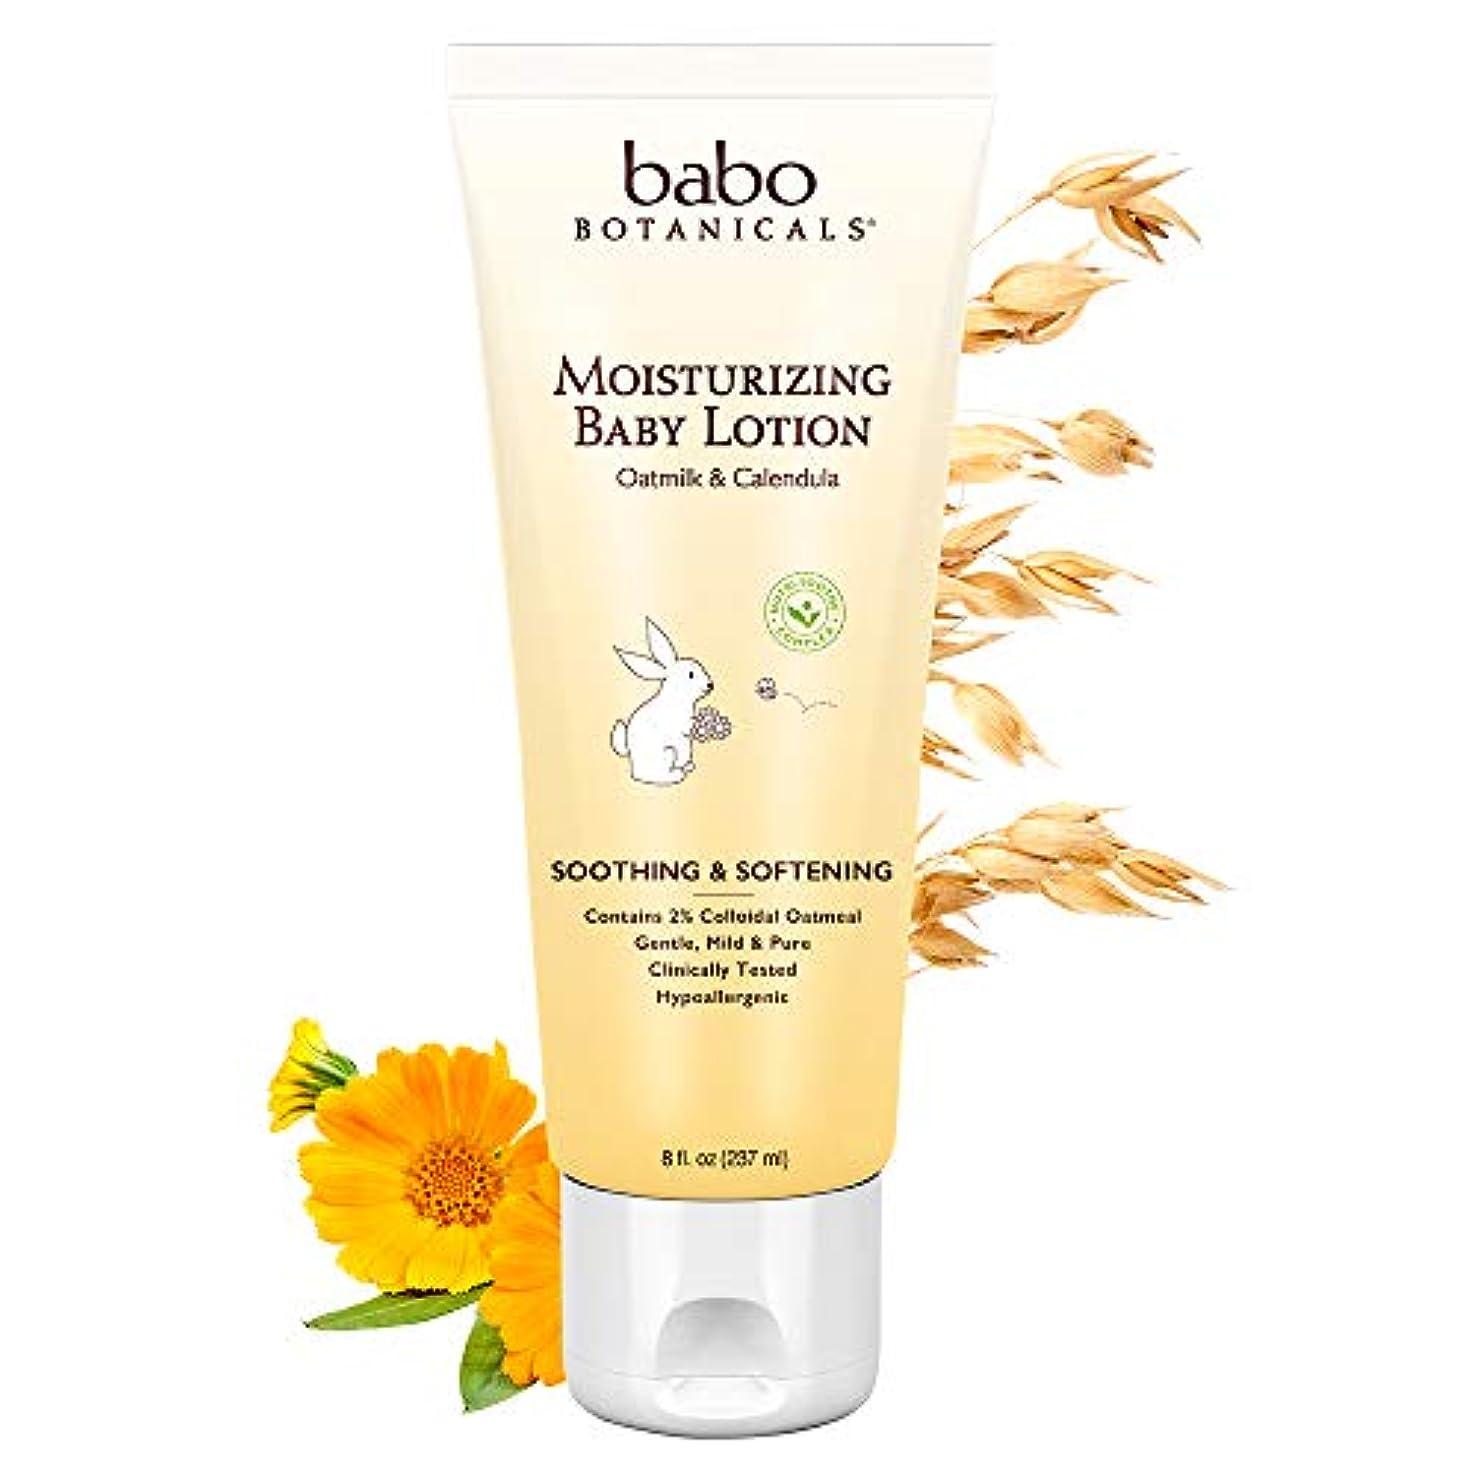 あたたかい五月すりBabo Botanicals Oatmilkカレンデュラ保湿ベビーローション、 - スージング敏感肌のためのベストのベビーローション。アトピー性皮膚炎を和らげるのに役立ちます。ナチュラルオーツとオーガニックカレンデュラ...